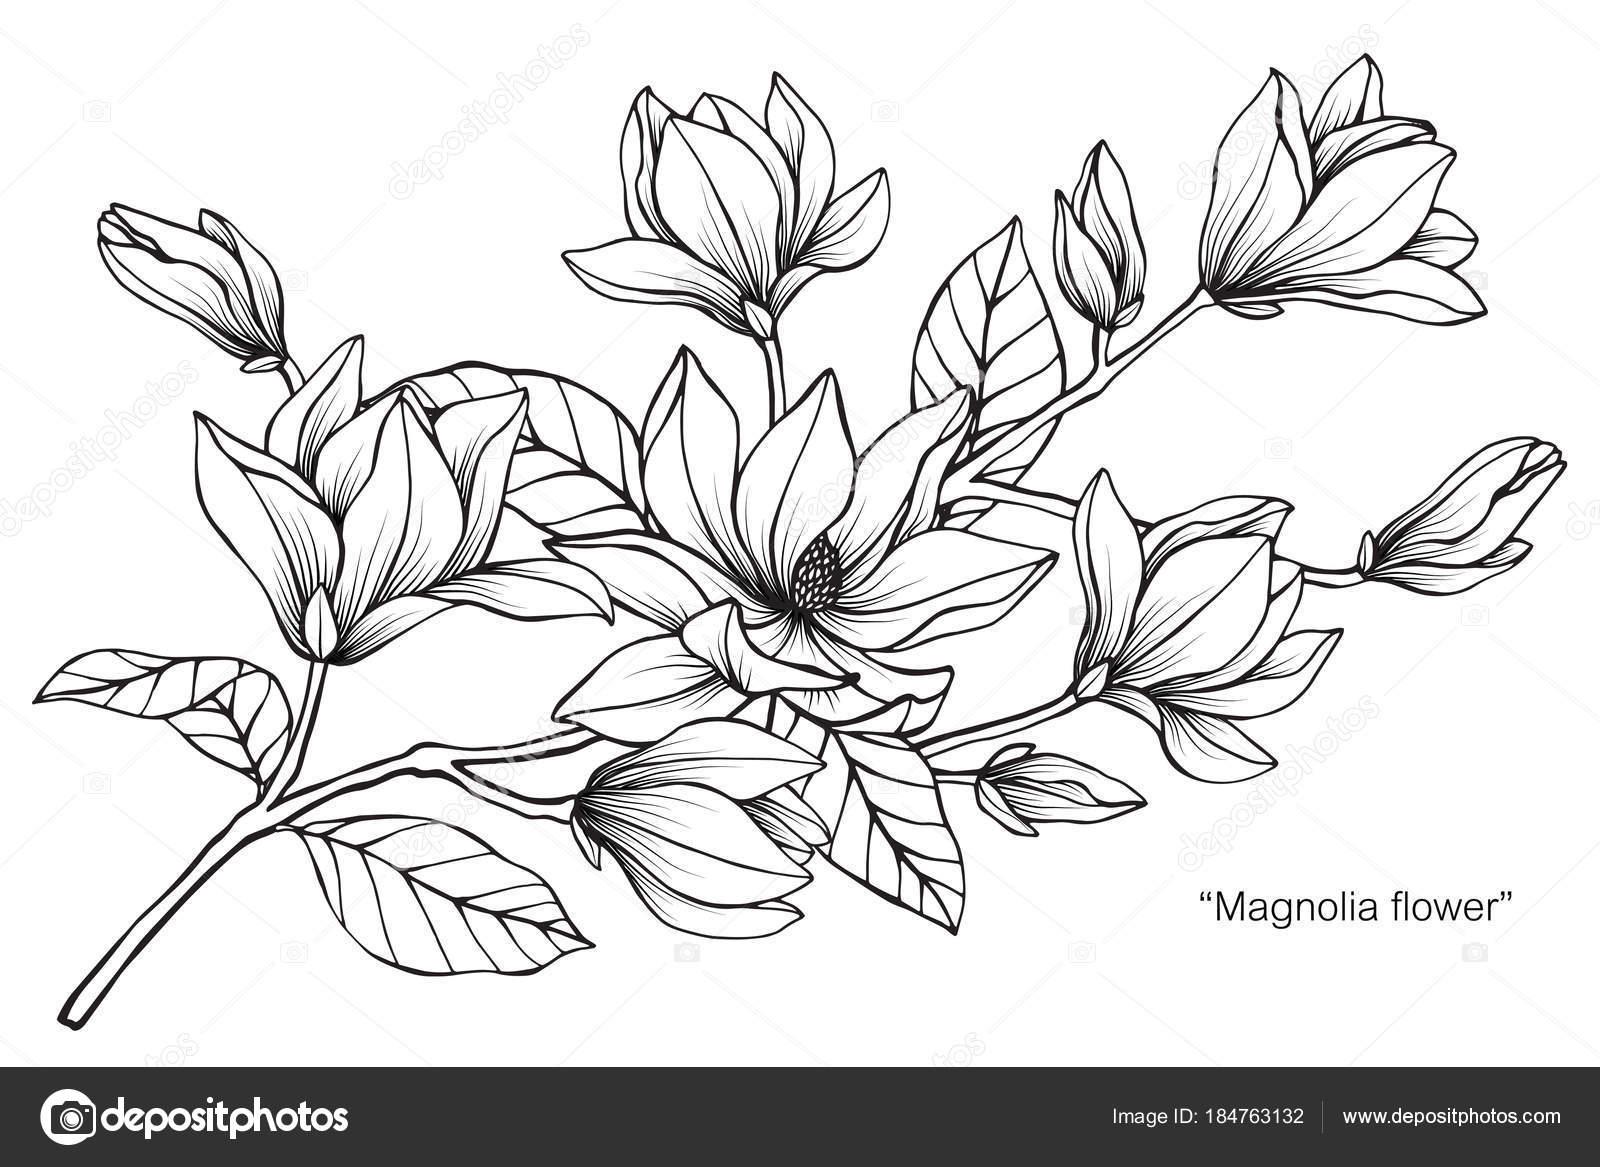 Magnolia Blumen Zeichnung Illustration Schwarz Und Weiß Mit